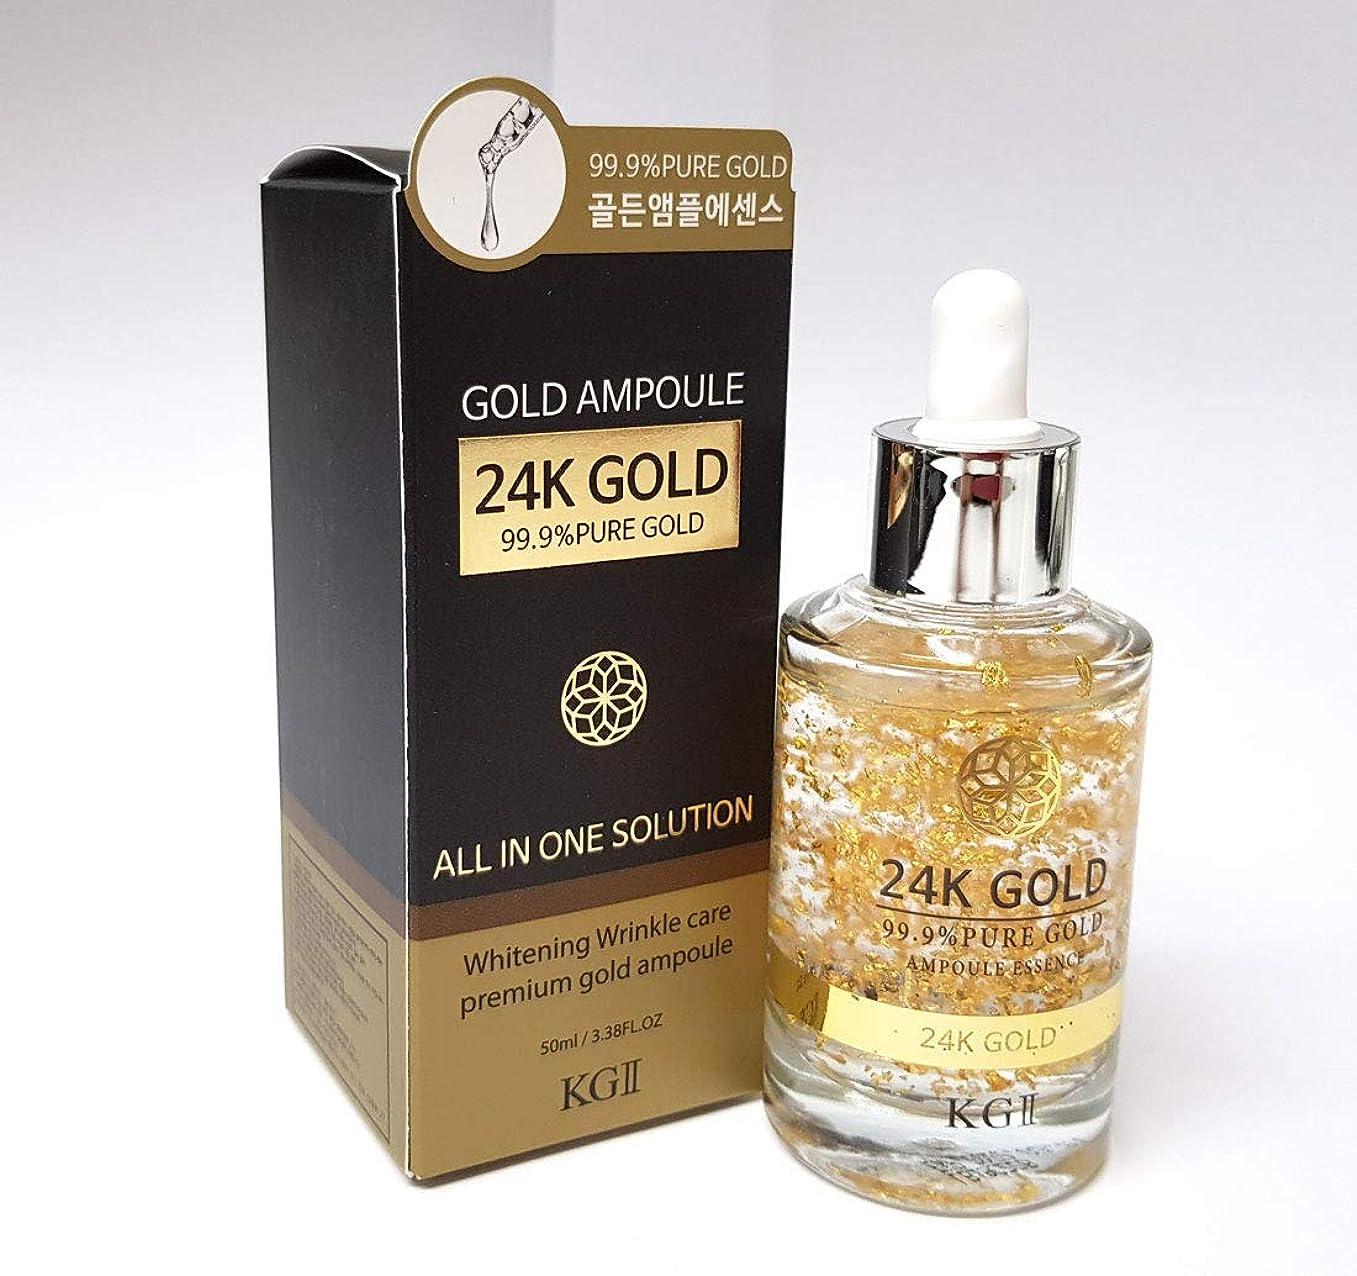 出撃者弾性現れる[KG2] 24Kゴールドアンプルエッセンス50ml / 24K Gold Ampoule Essence 50ml / 99.9ピュアゴールド / 99.9Pure Gold/シワ&ホワイトニング/wrinkles & whitening/韓国化粧品/Korean Cosmetics [並行輸入品]